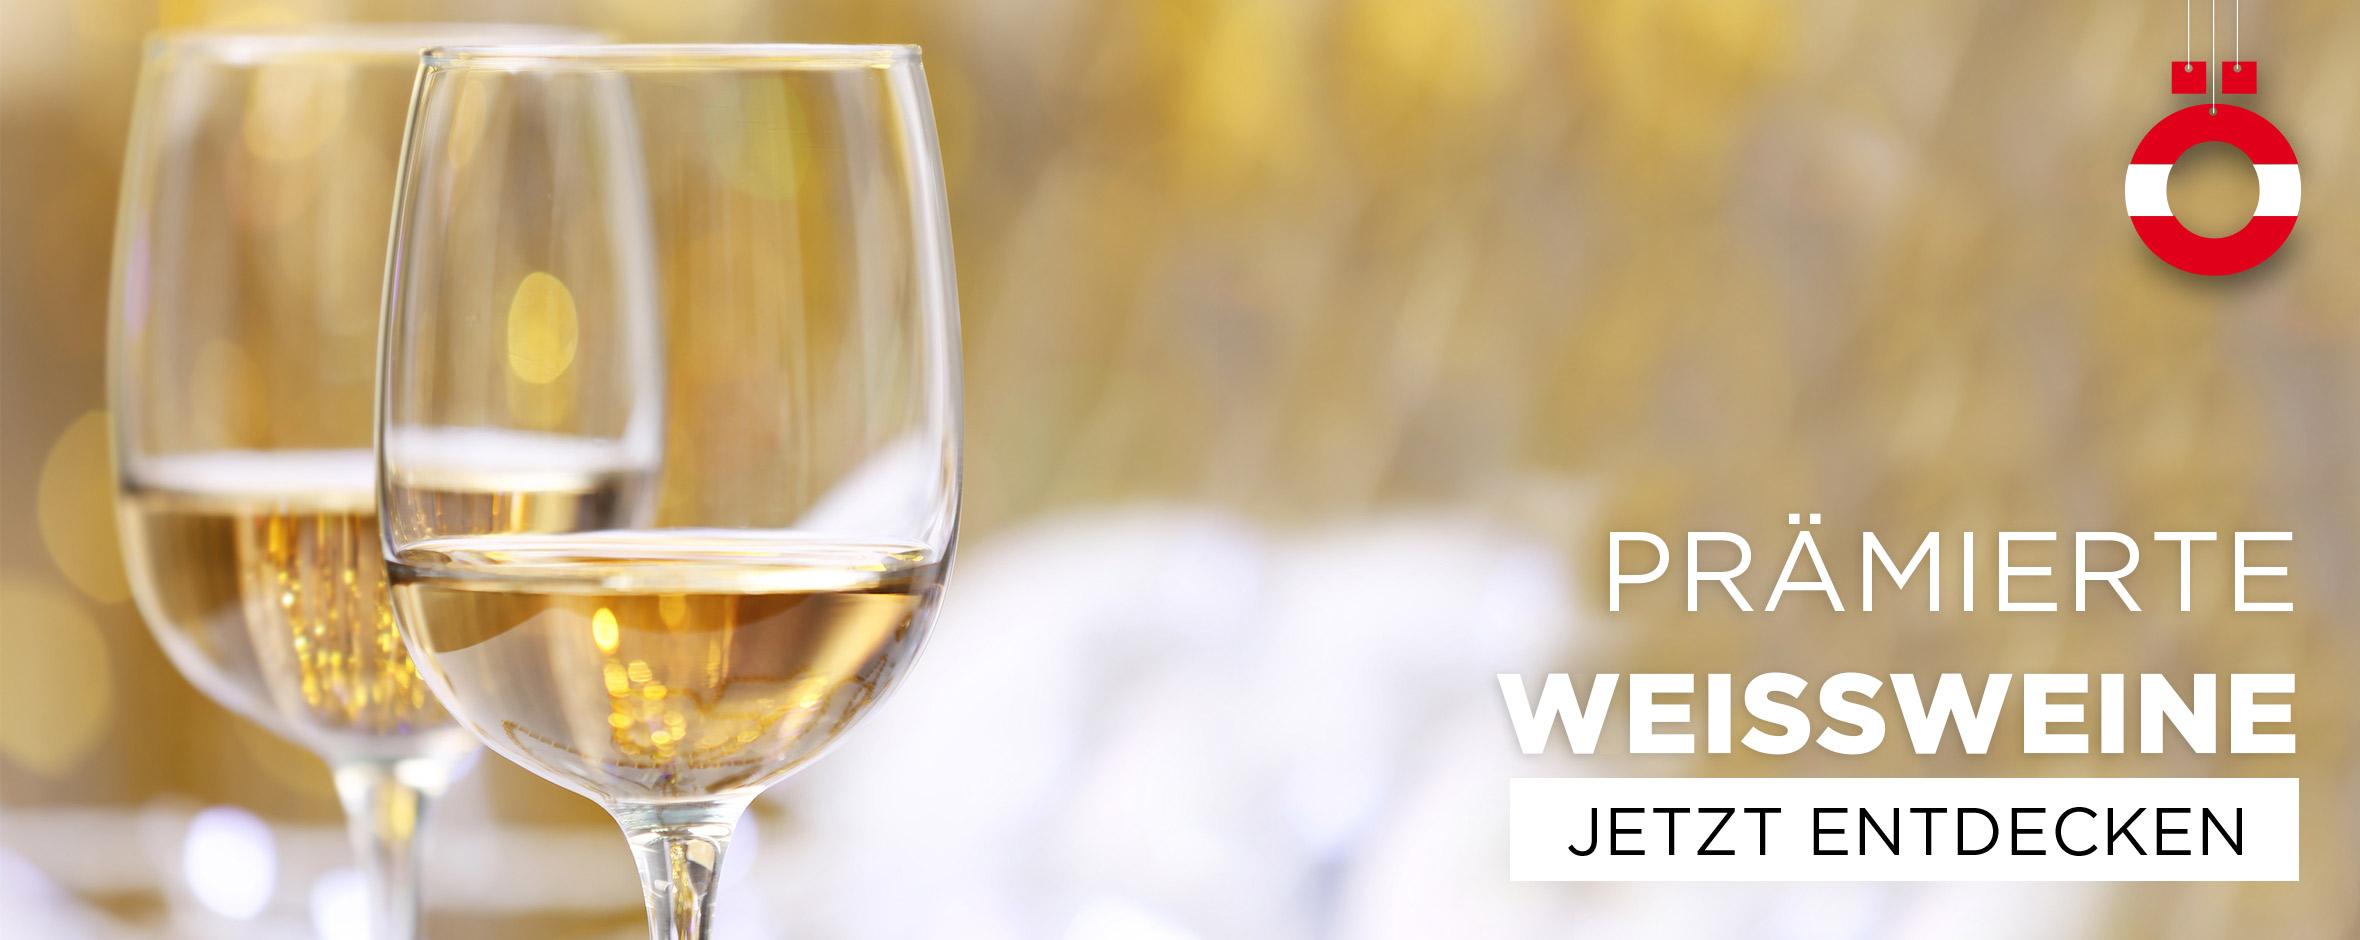 Prämierte Weissweine